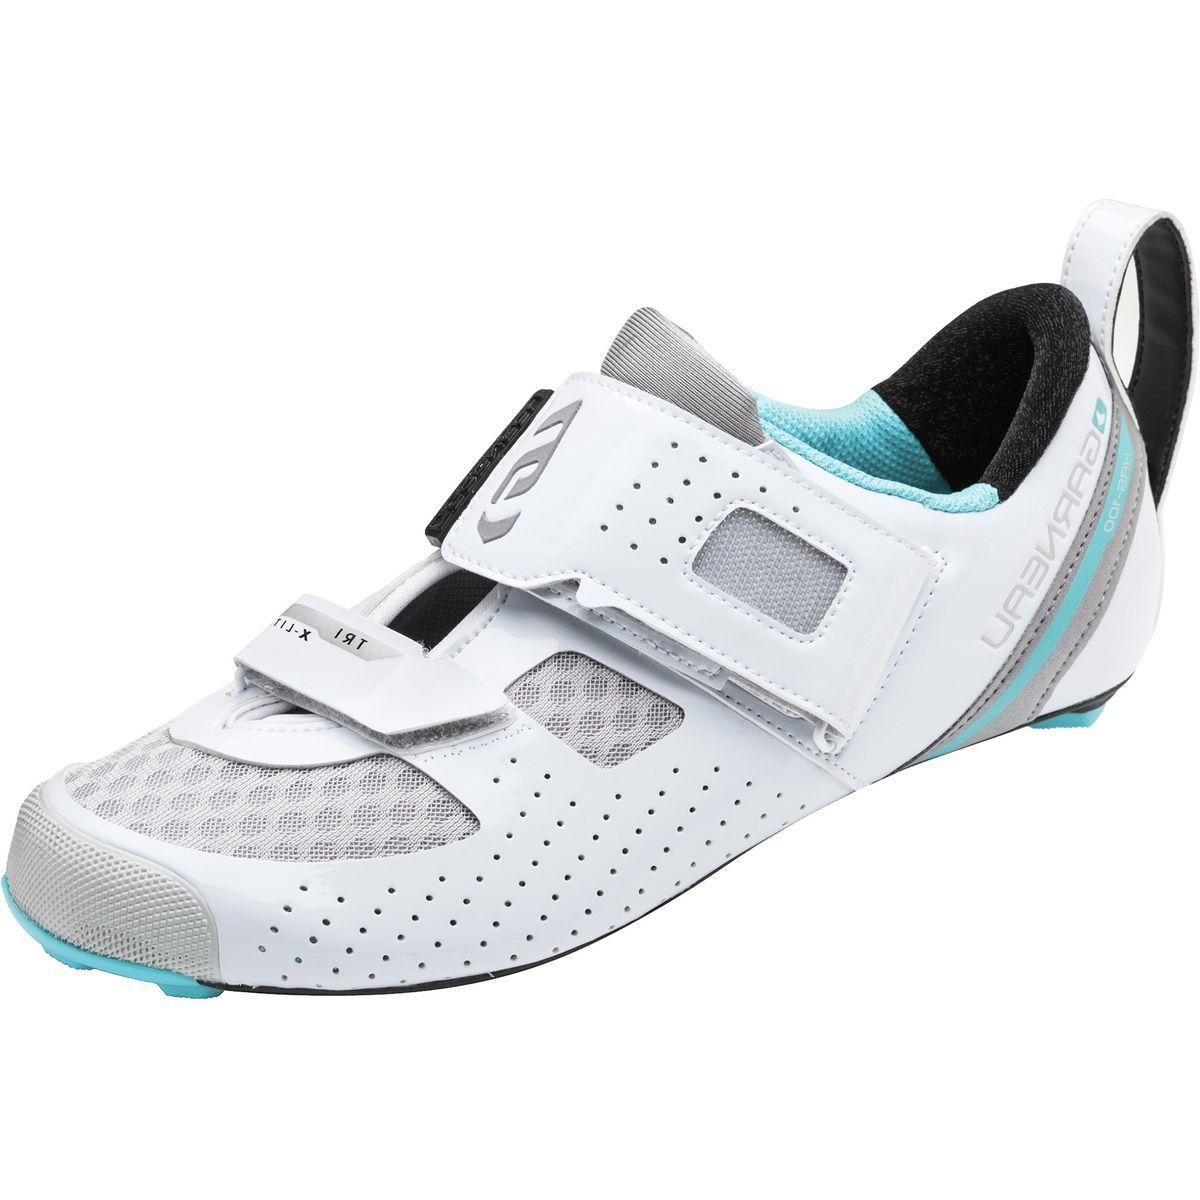 Louis Garneau Tri X-Lite II Shoe - Women's